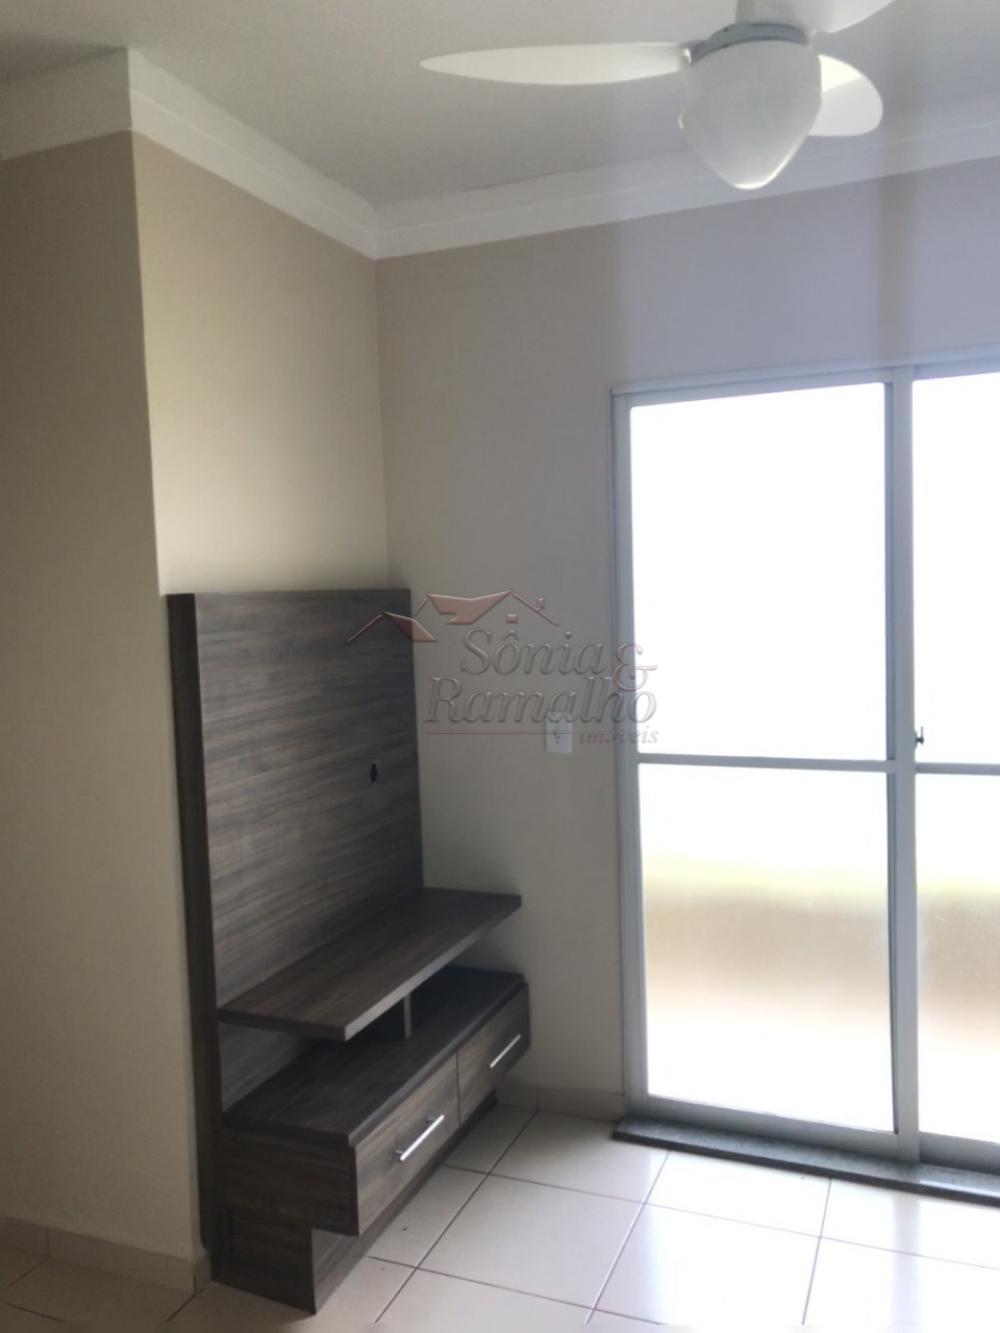 Comprar Apartamentos / Padrão em Ribeirão Preto apenas R$ 280.000,00 - Foto 4